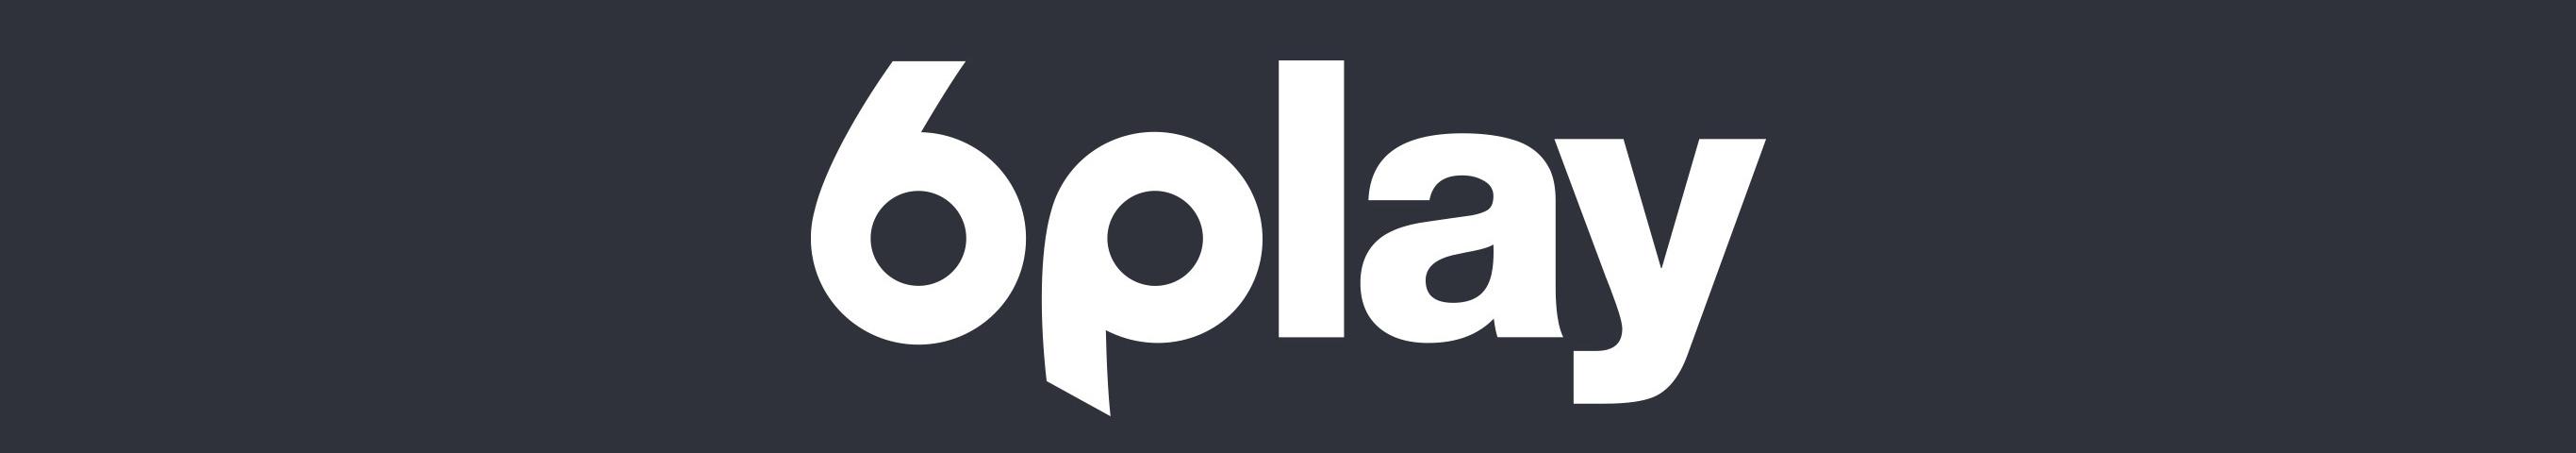 M6web fera un retour d'expérience sur l'usage de Cassandra sur 6play le 14/06/2016